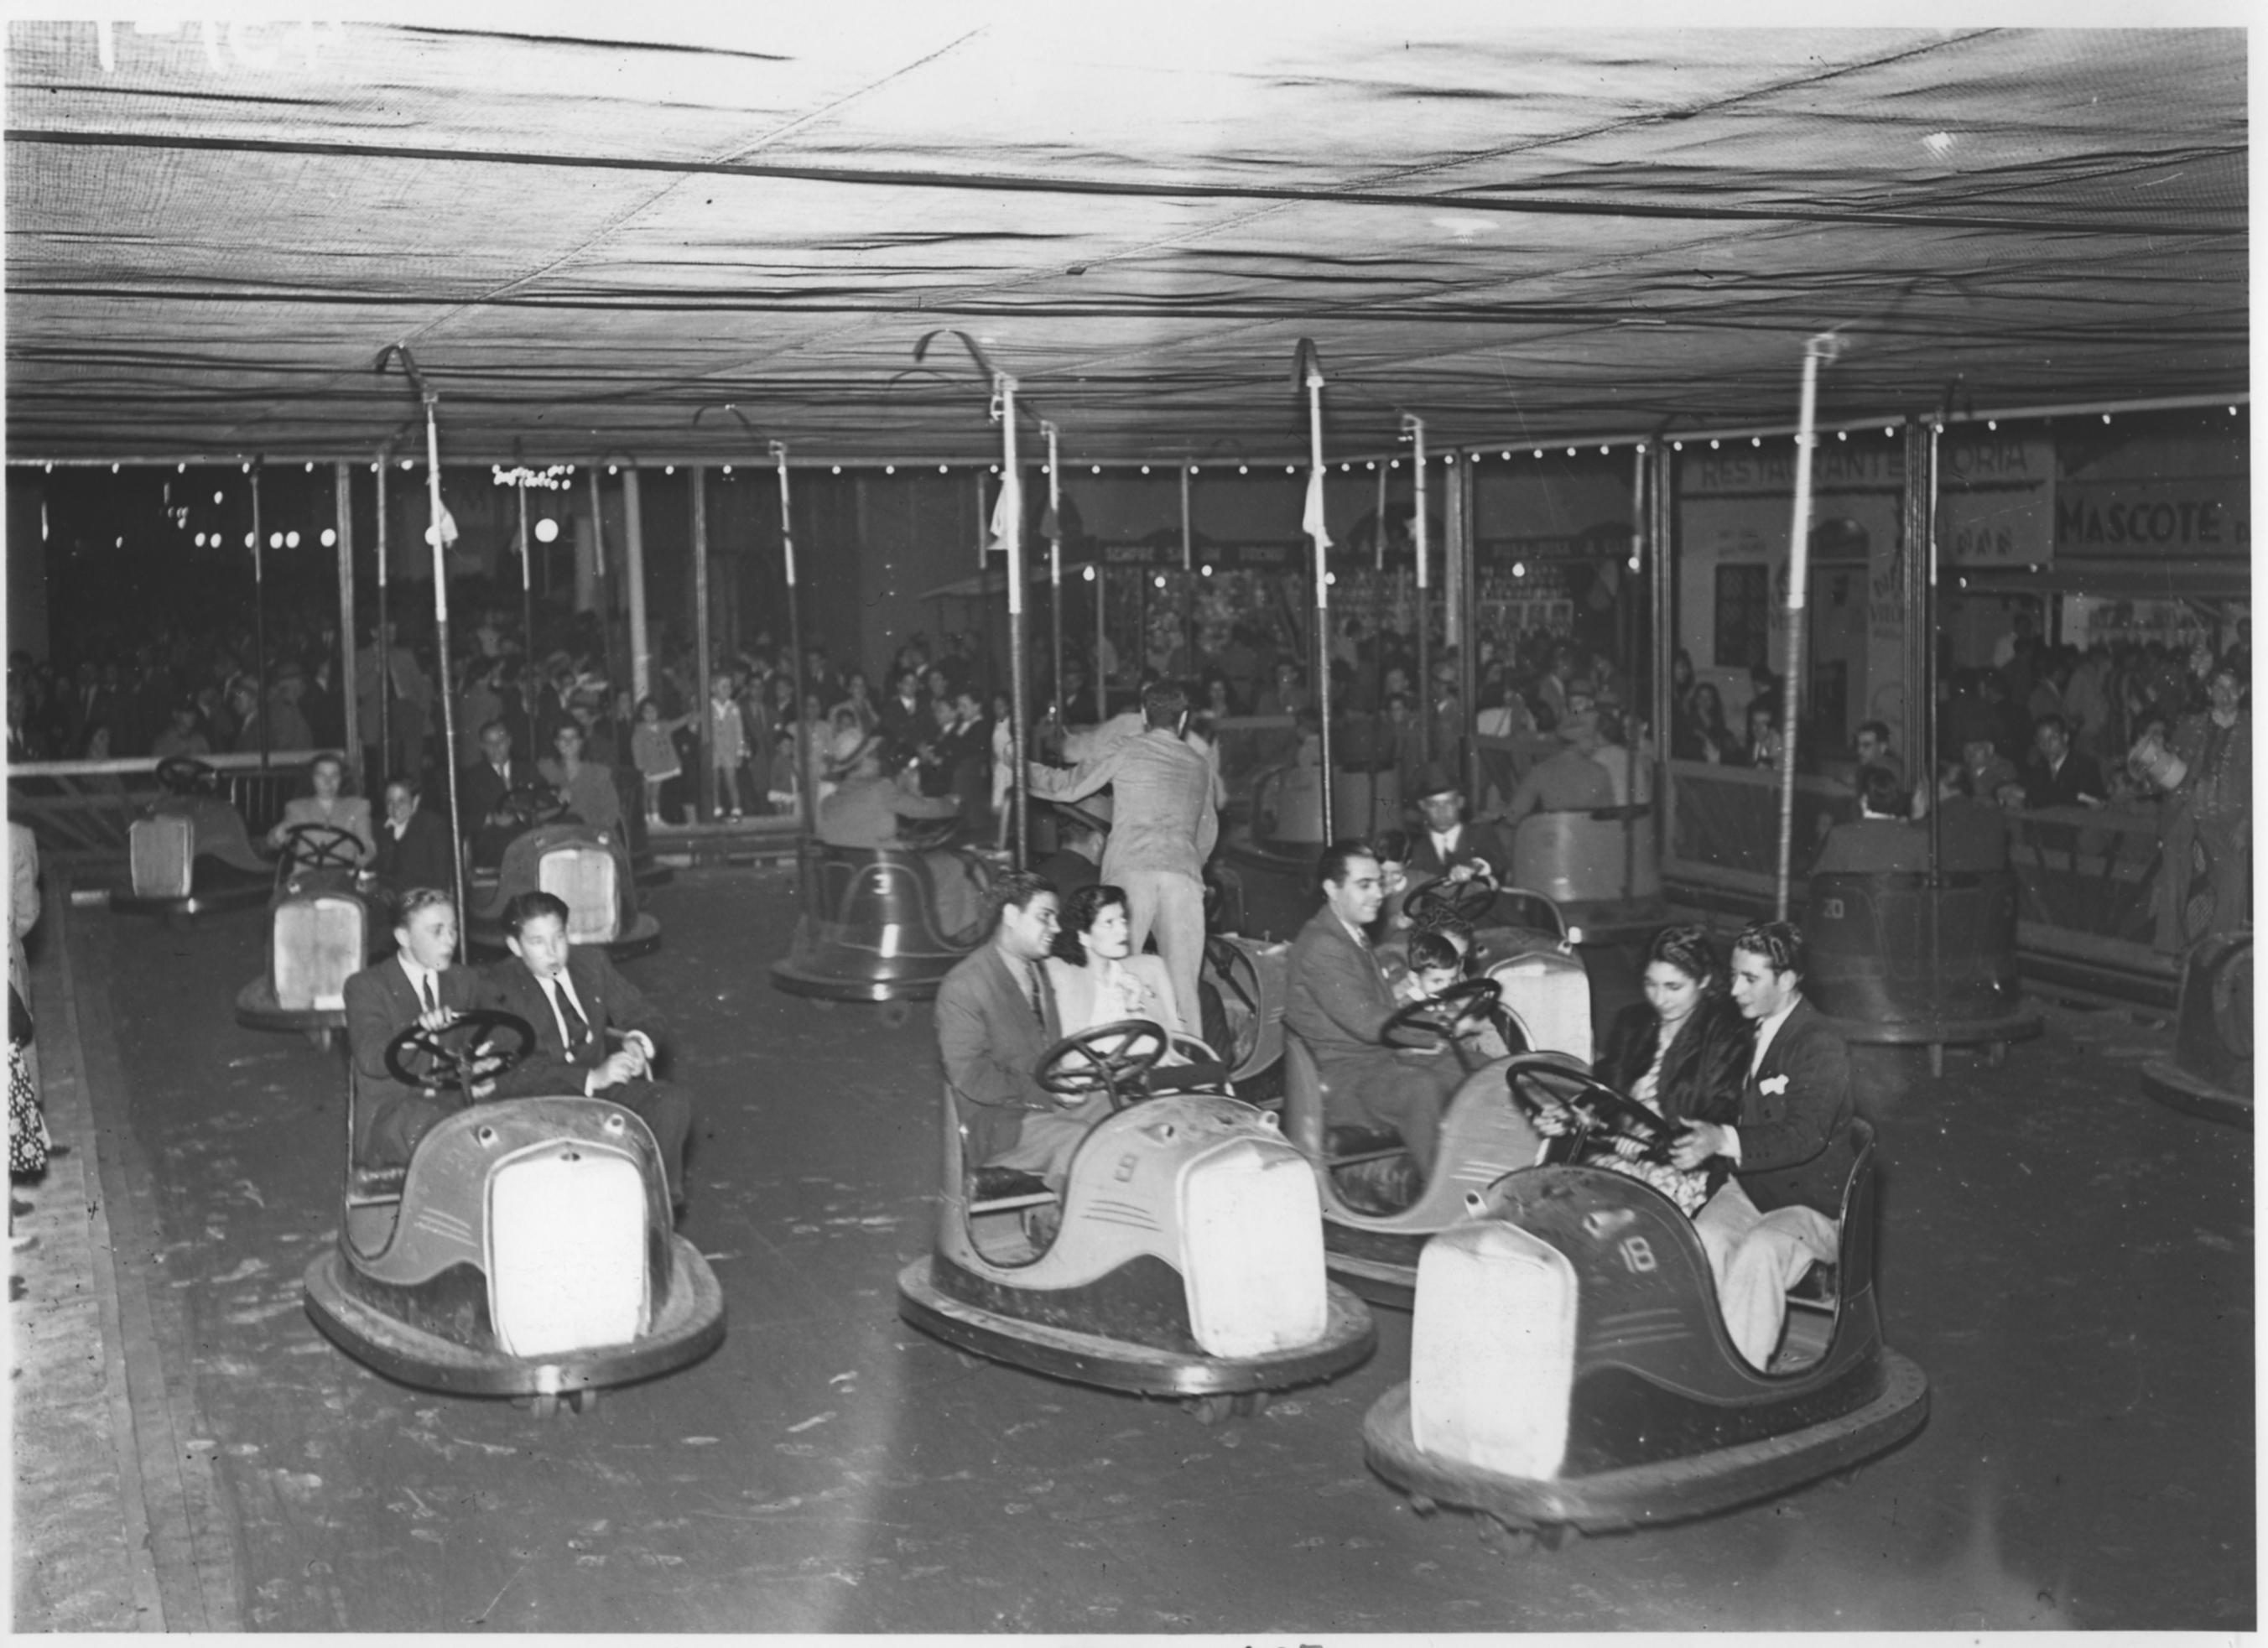 Pawilon z elektrycznymi samochodzikami w wesołym miasteczku Feira Popular w Lizbonie, Lizbona, 1945